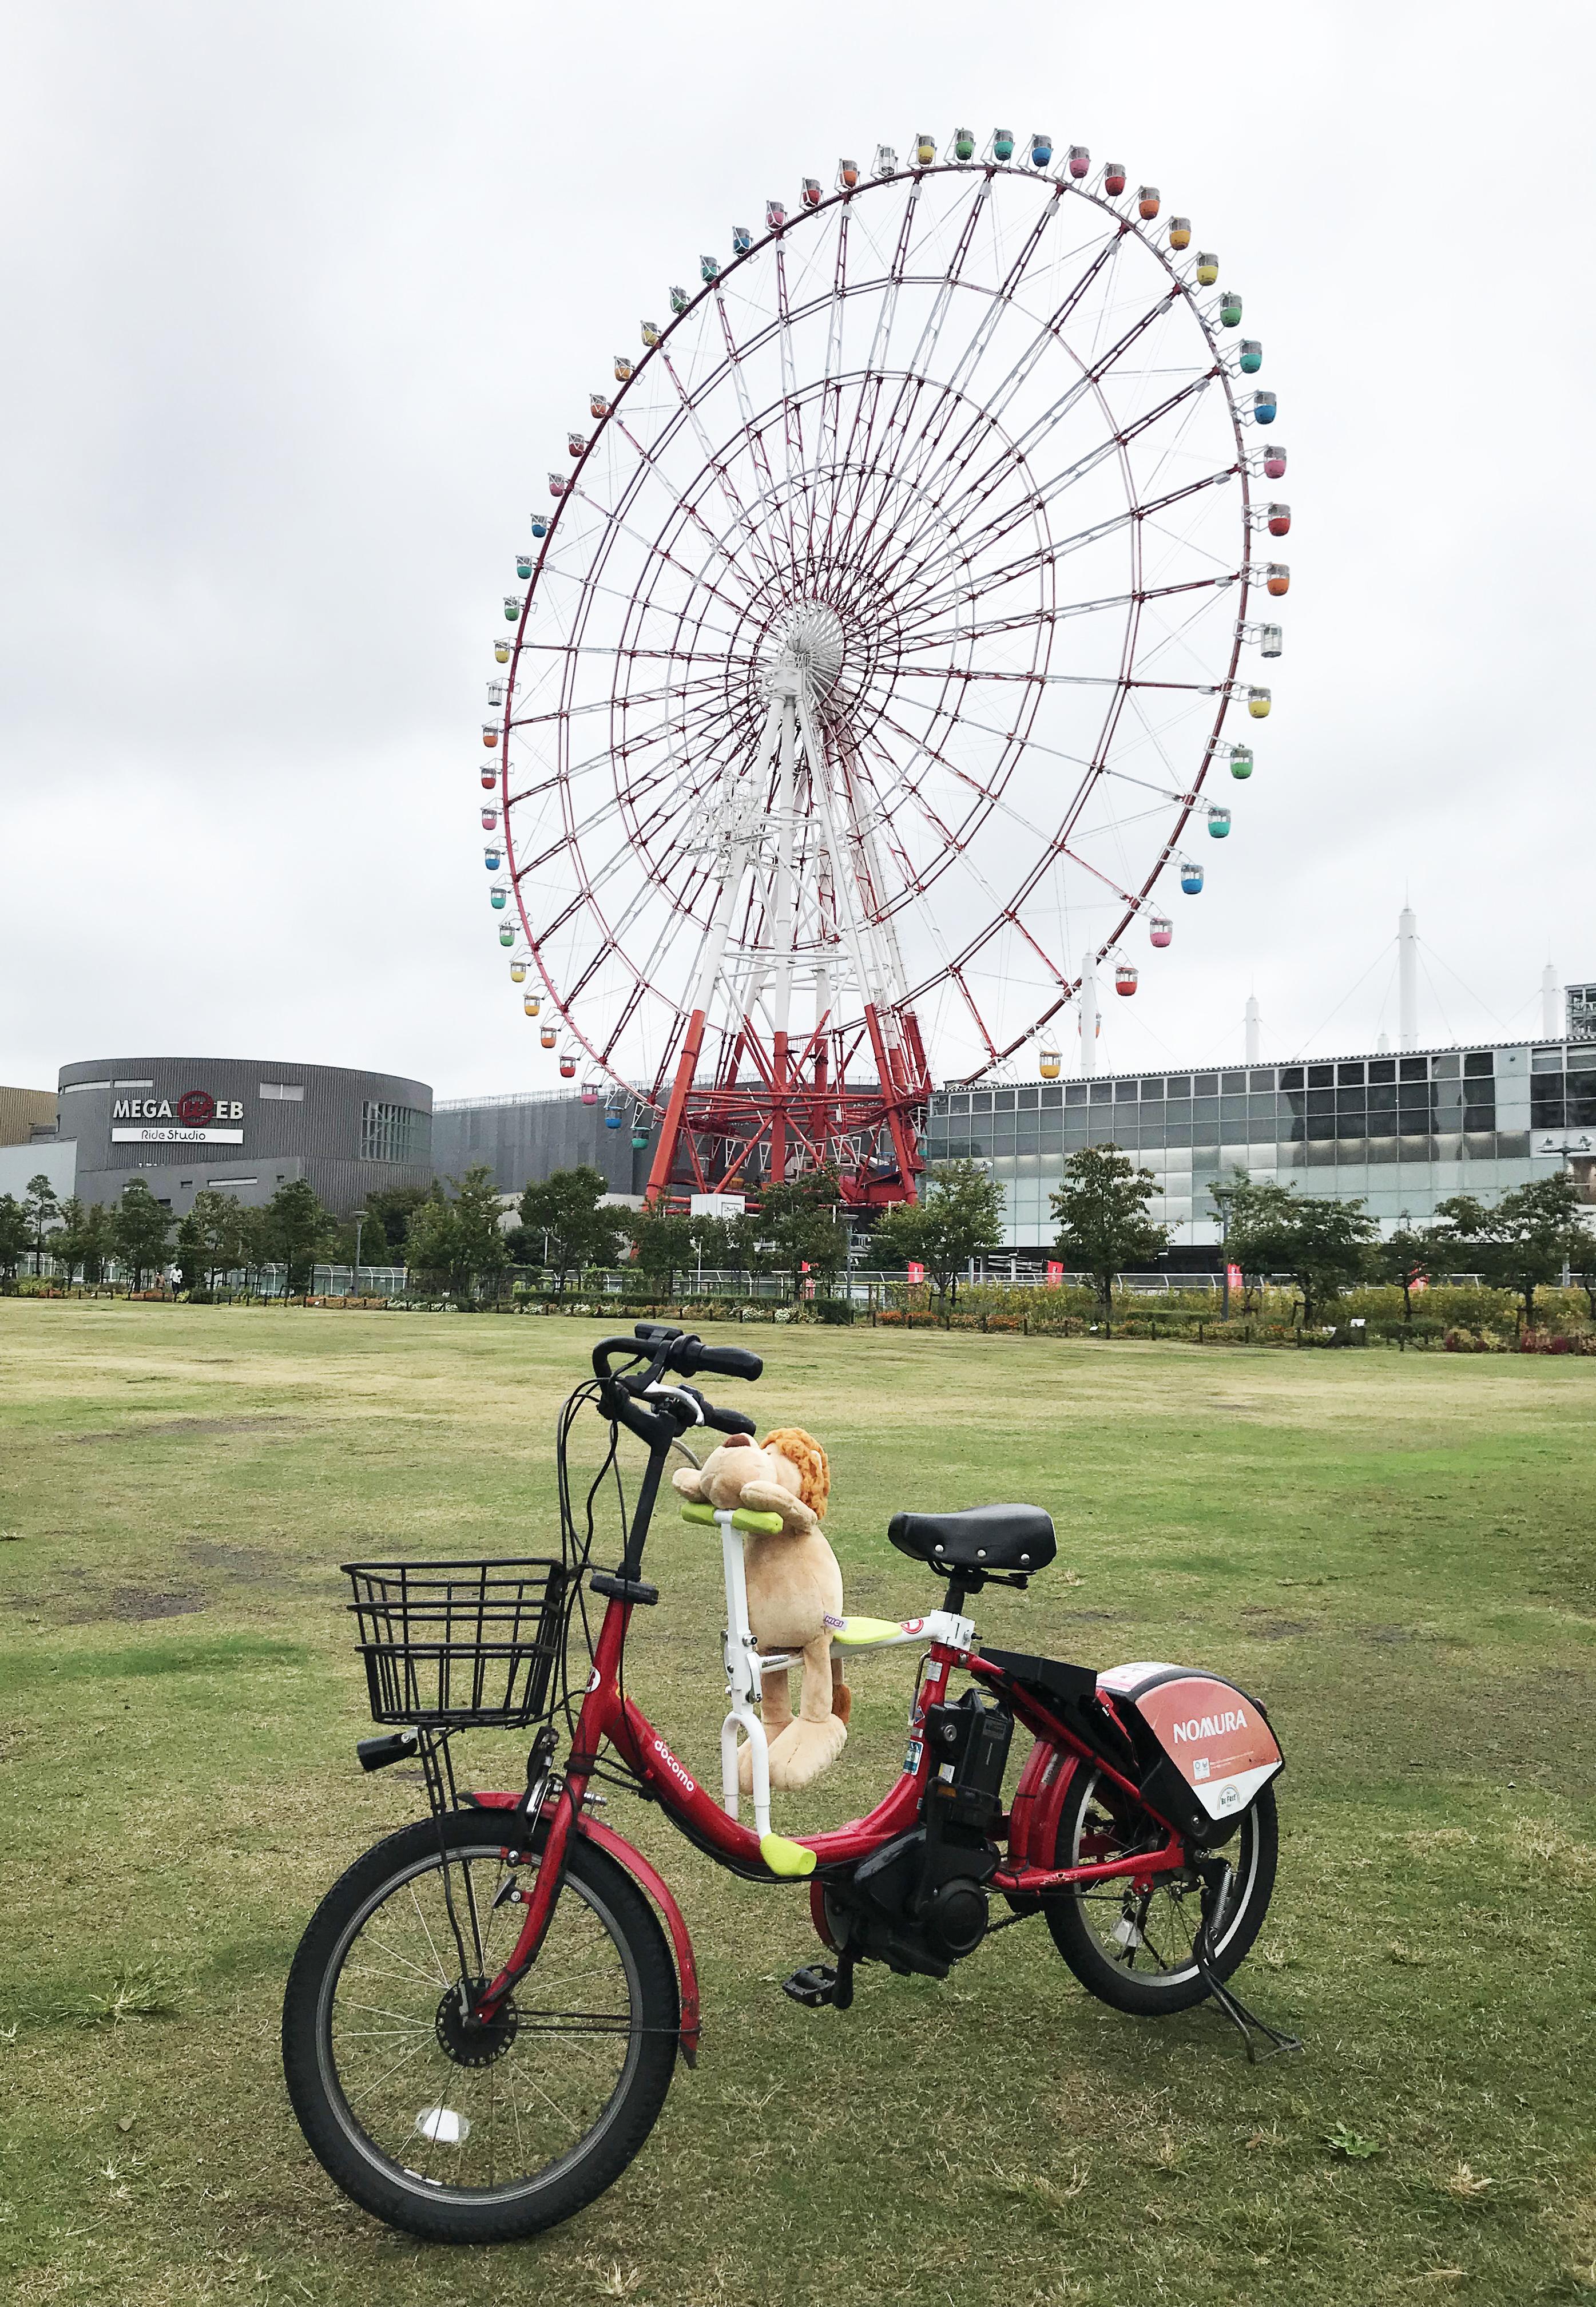 趴趴坐腳踏車兒童坐椅在東京